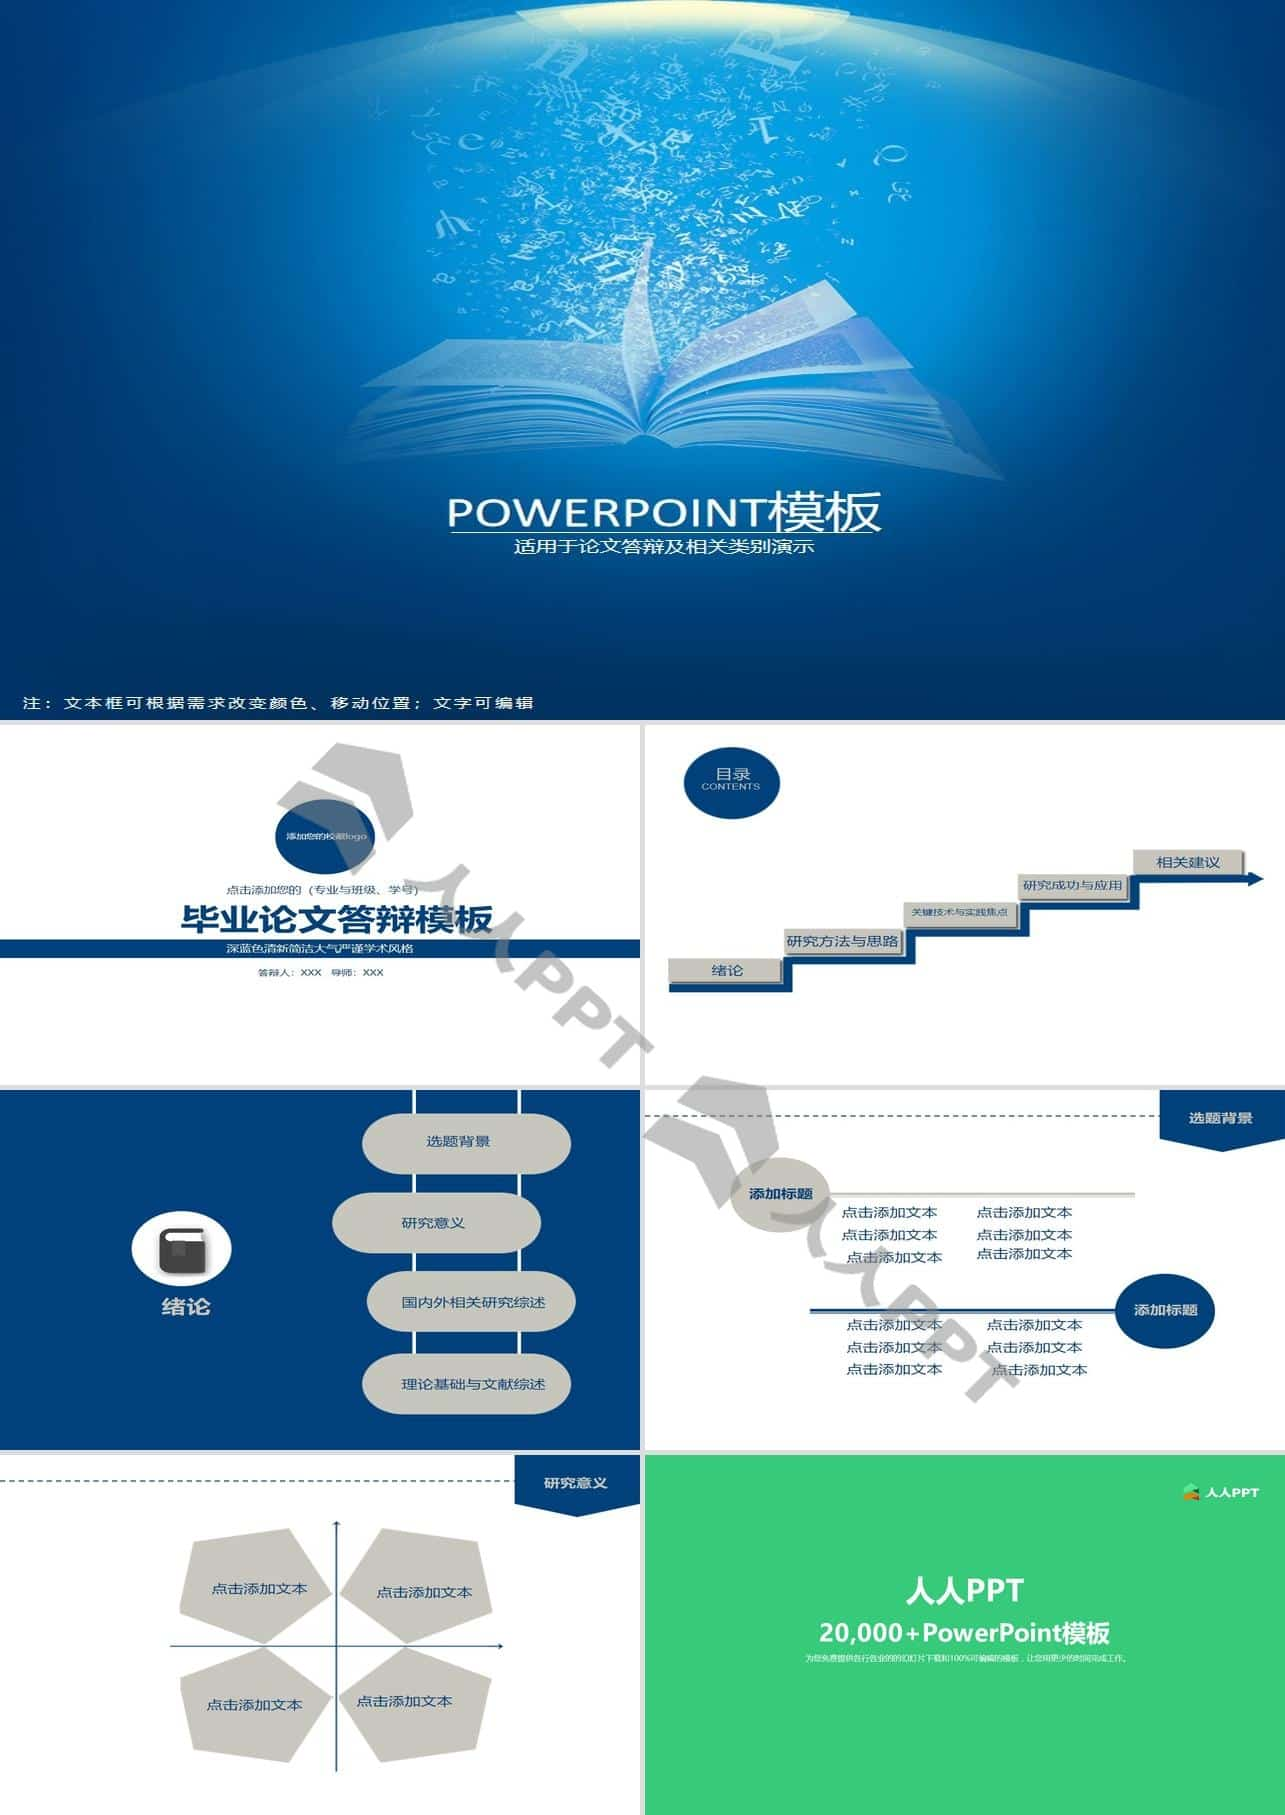 深蓝色清新简洁大气严谨学术风格毕业论文答辩PPT模板长图